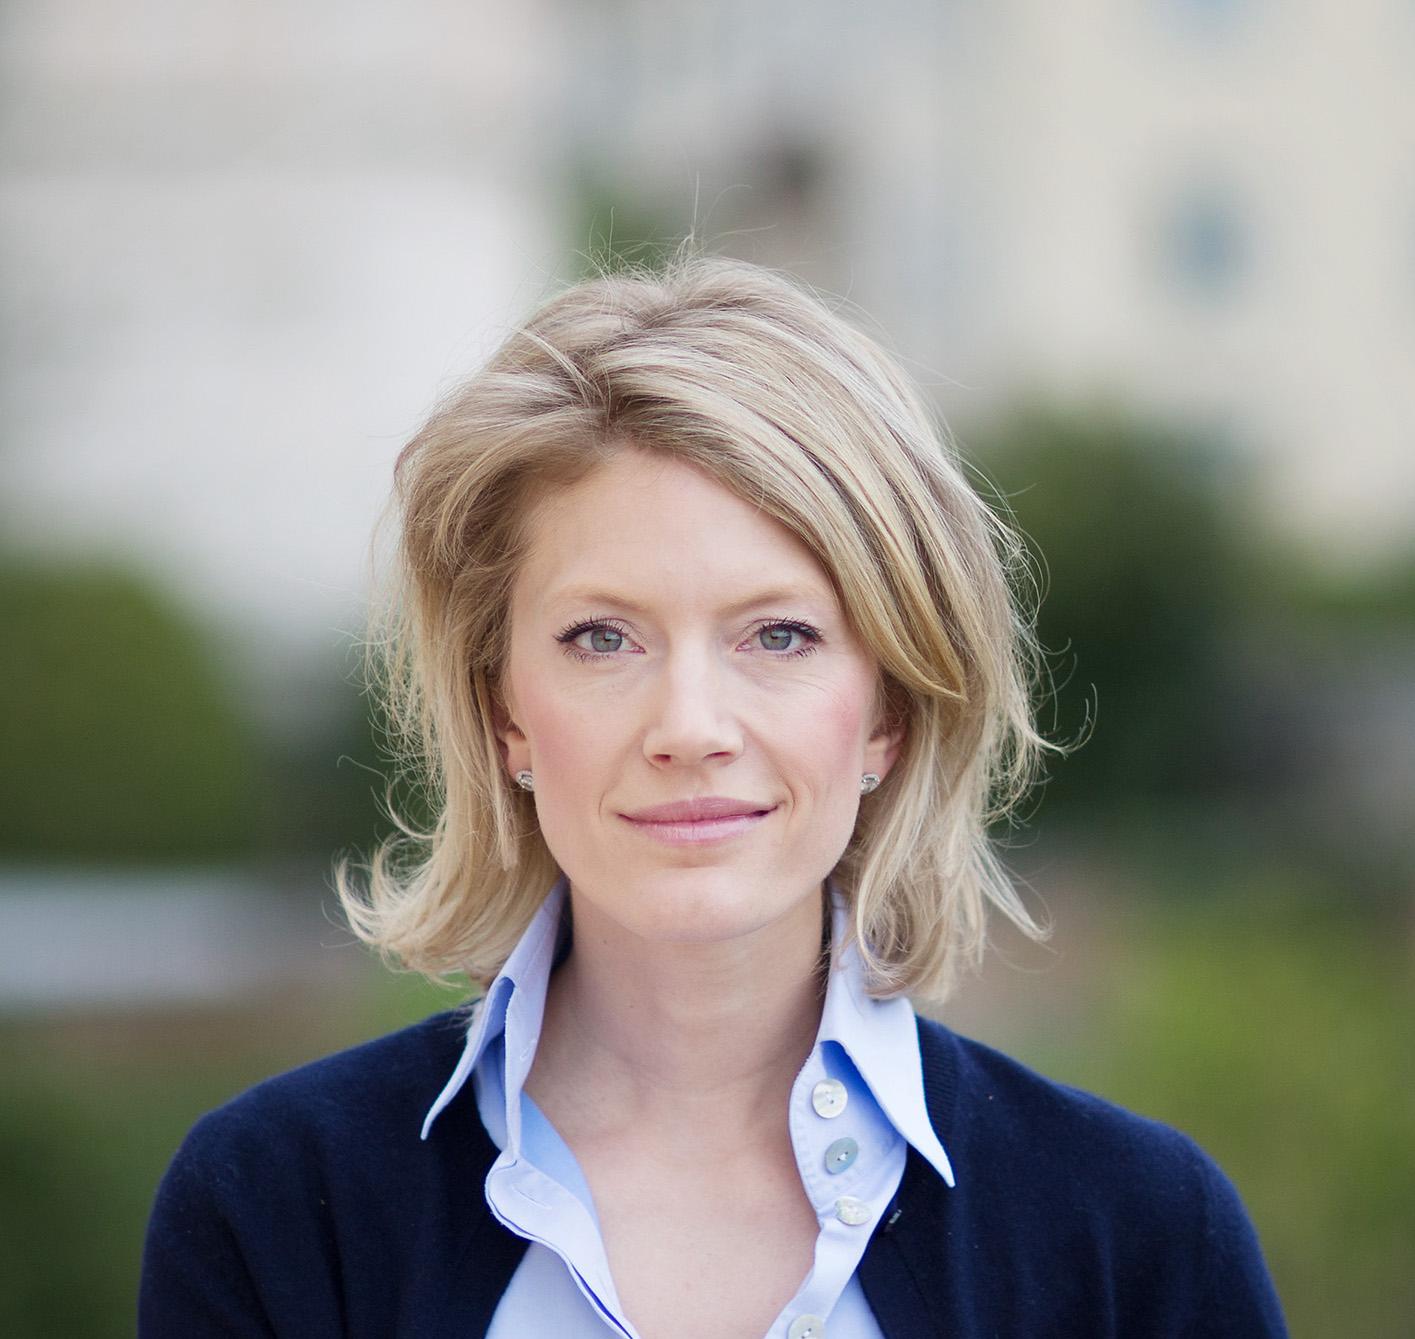 Dr. Jeannette zu Fürstenberg